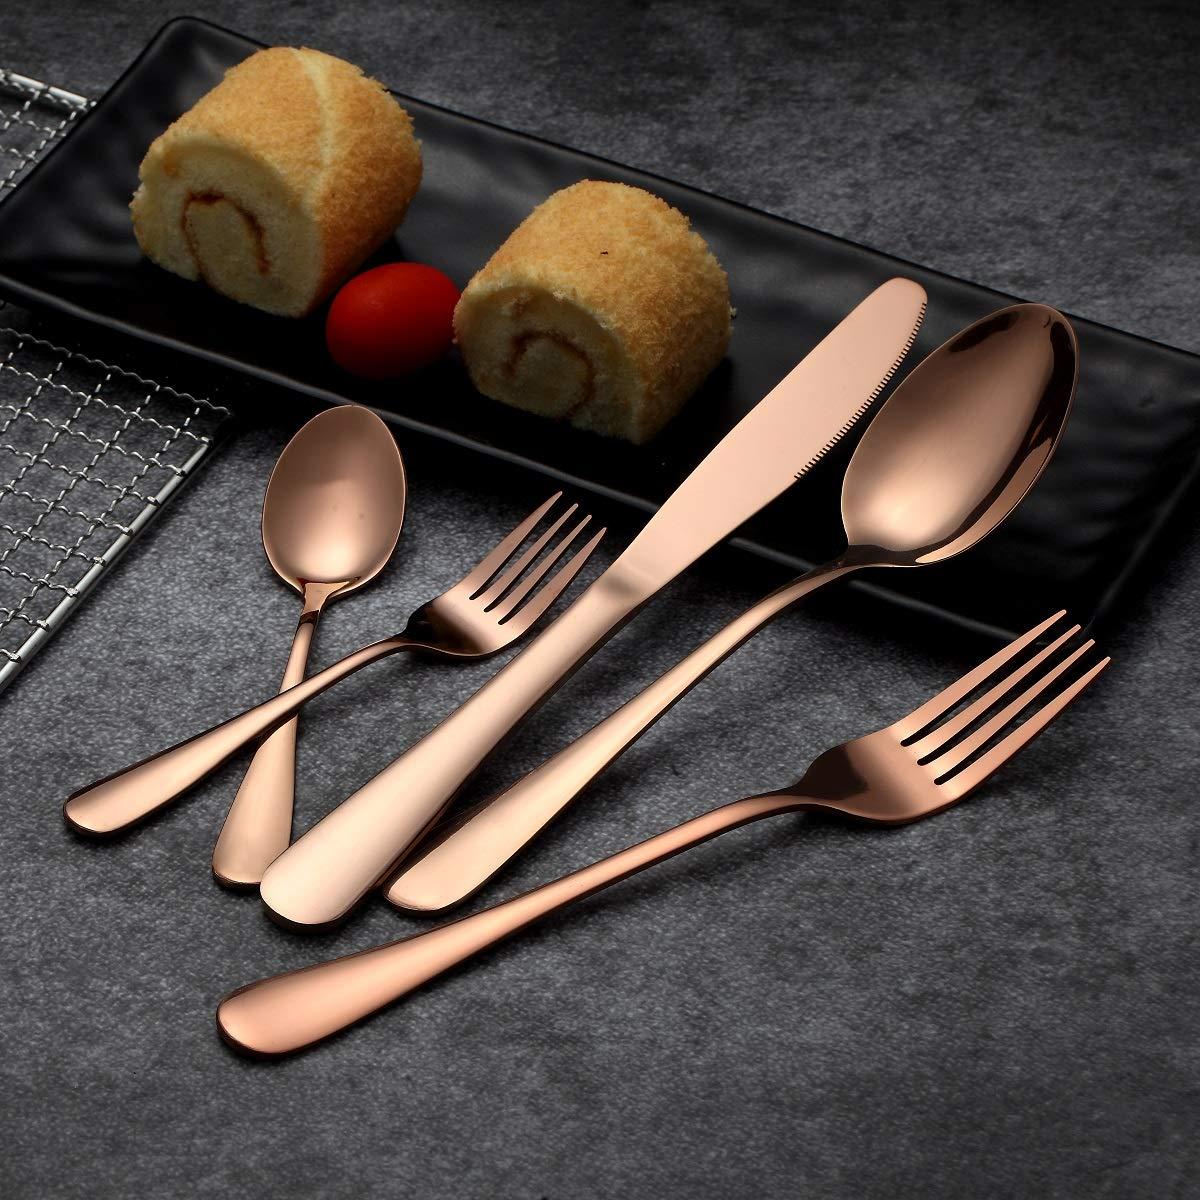 HOMQUEN Set de cubiertos y cubiertos de oro rosa de 30 piezas, Set de cubiertos de acero inoxidable 18/0, servicio para 6 personas, set de cubiertos y ...